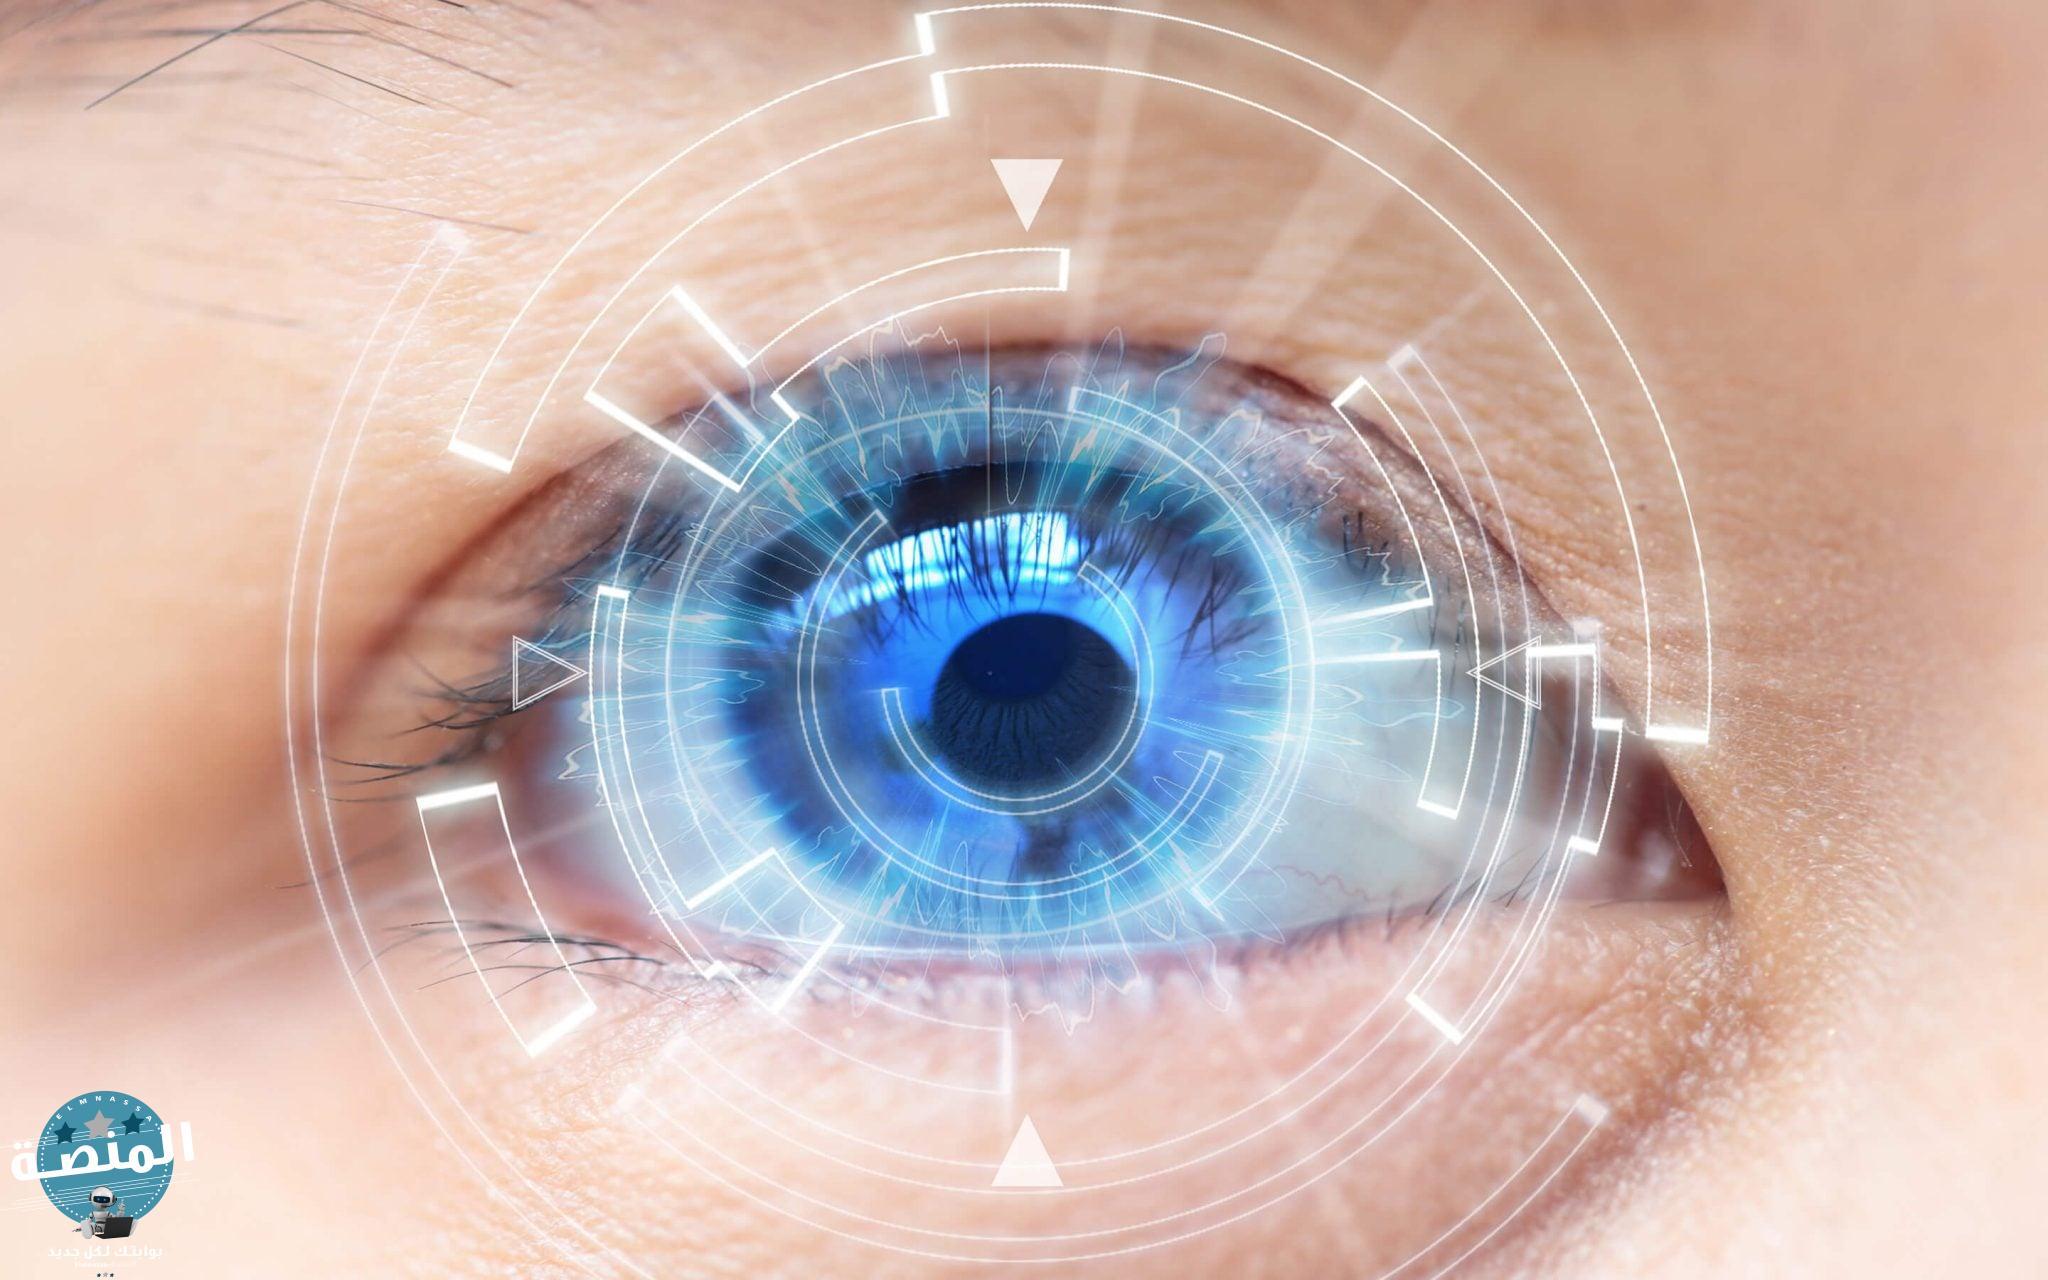 أعراض الجلوكوما | أعراض المياه الزرقاء في العين